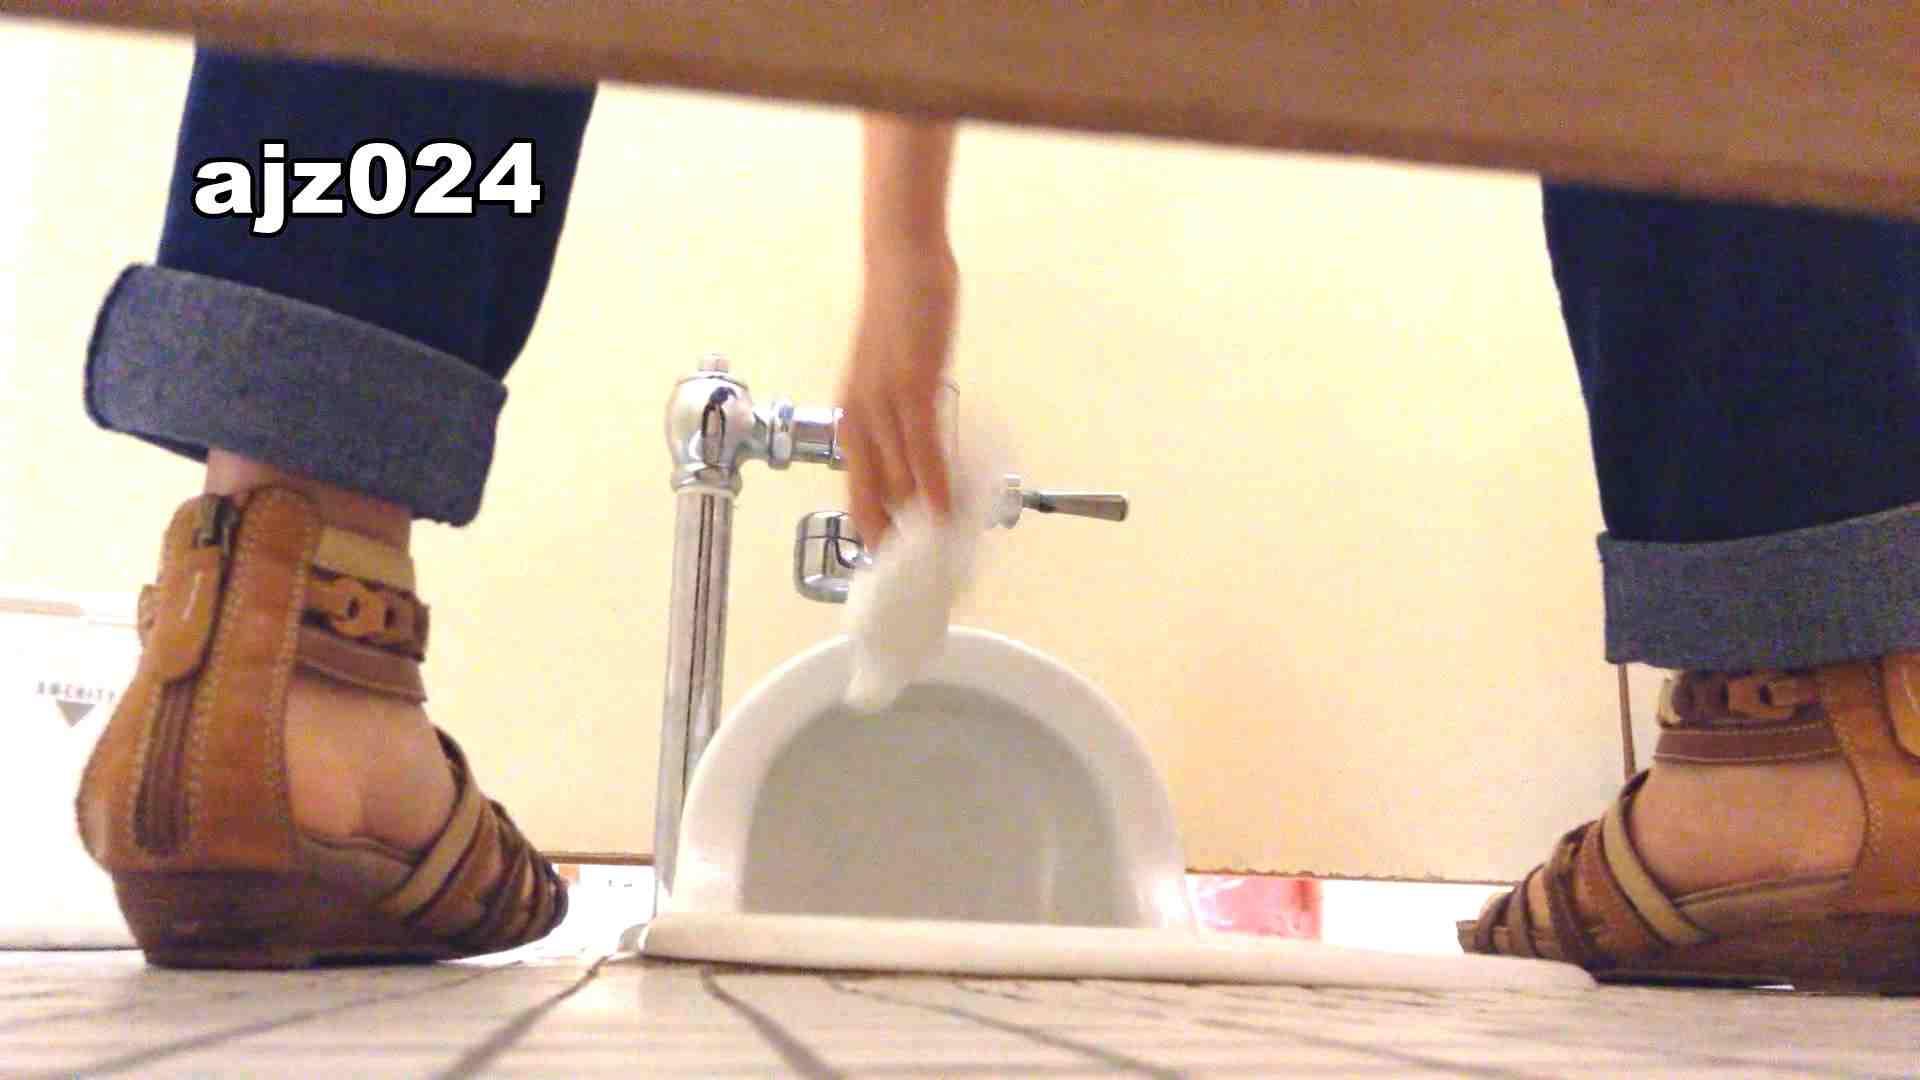 某有名大学女性洗面所 vol.24 潜入 盗み撮りAV無料動画キャプチャ 66連発 39